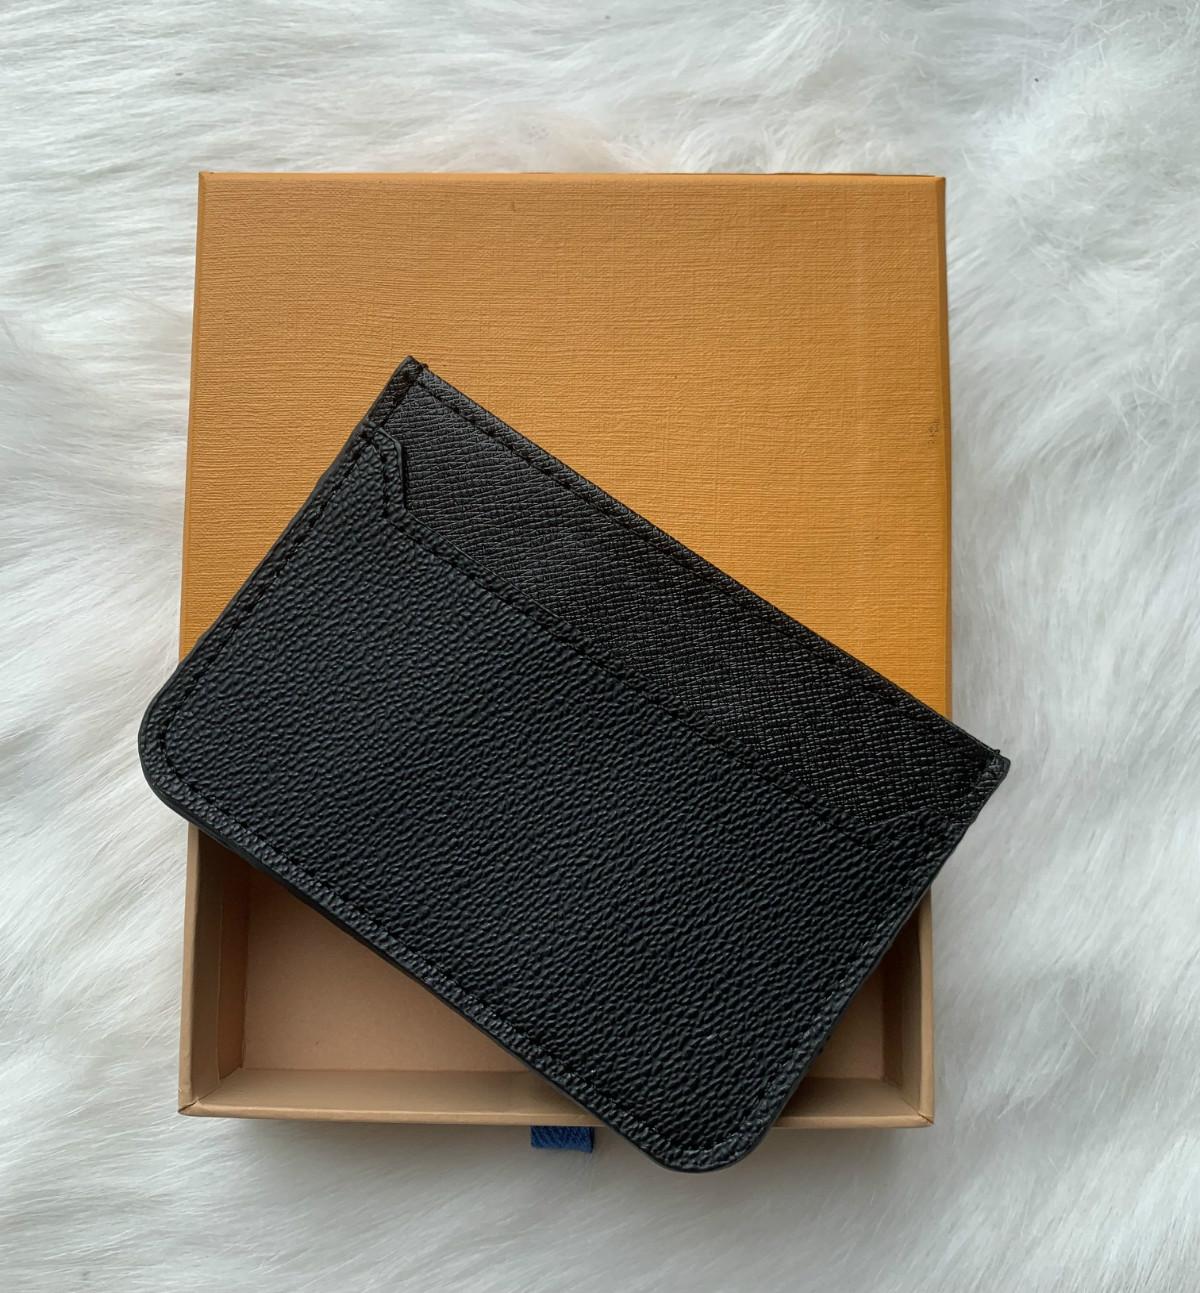 NUOVO Pelle di Vitello PURO porta carte di credito portafoglio donna cassa nera Clutch borsa viola